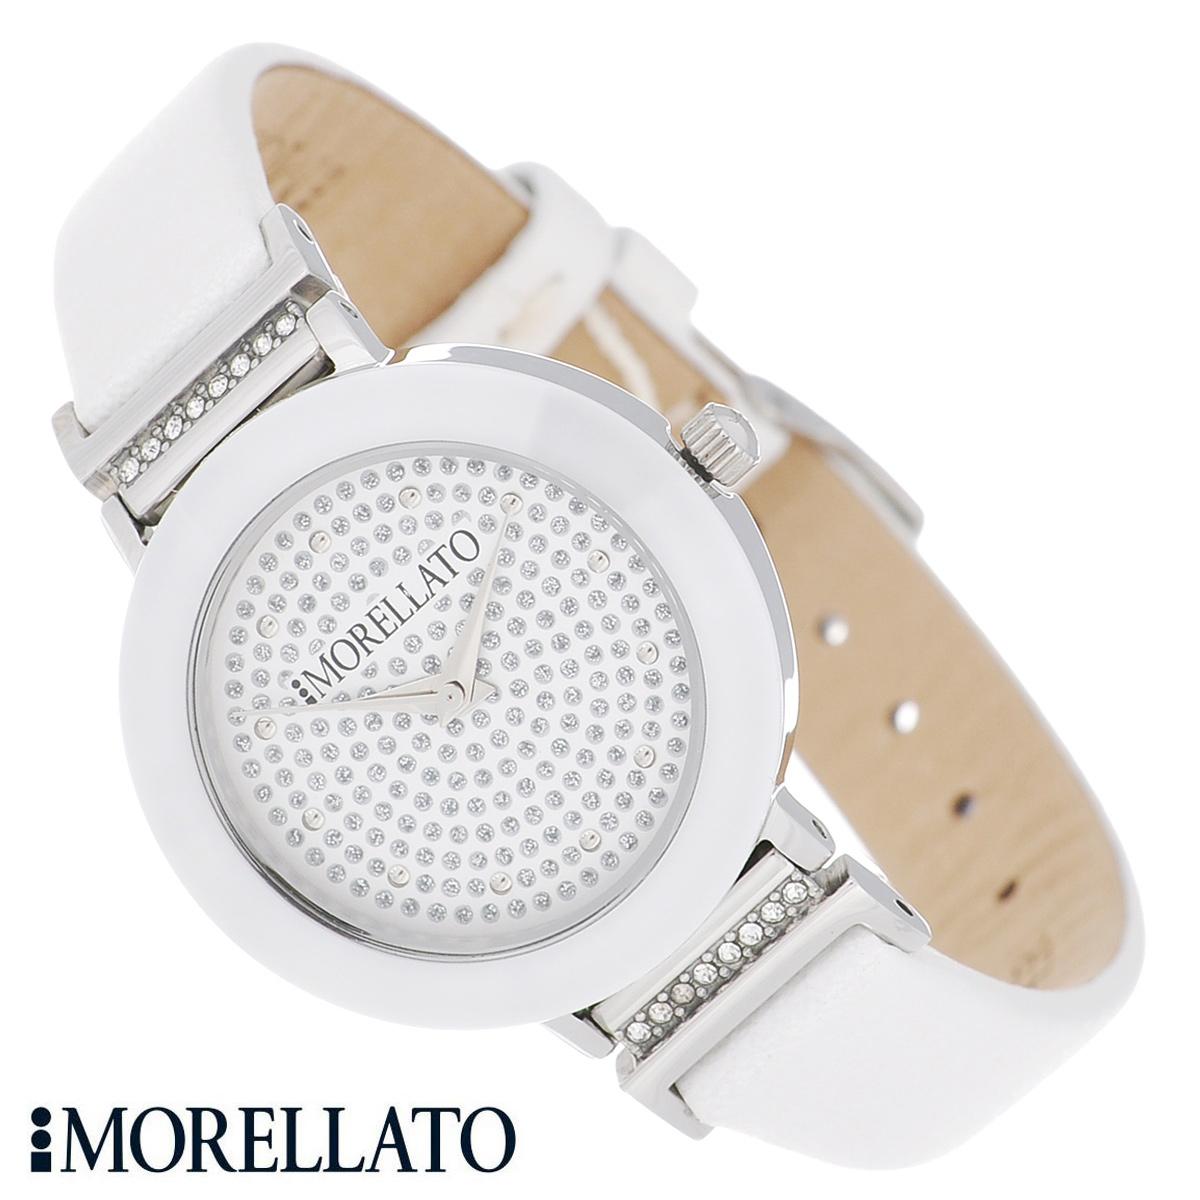 Часы женские наручные Morellato, цвет: белый. R0151103514R0151103514Наручные женские часы Morellato оснащены кварцевым механизмом. Корпус выполнен из высококачественной нержавеющей стали и по контуру циферблата оформлен керамической вставкой. Циферблат без отметок украшен кристаллами и защищен минеральным стеклом. Часы имеют три стрелки - часовую, минутную и секундную. Ремешок часов выполнен из натуральной кожи и оснащен классической застежкой. Часы укомплектованы паспортом с подробной инструкцией. Часы Morellato отличаются уникальным, но в то же время простым и лаконичным стилем. Характеристики: Диаметр циферблата: 2,3 см. Размер корпуса: 3 см х 3 см х 0,6 см. Длина ремешка (с корпусом): 21,5 см. Ширина ремешка: 1,2 см.